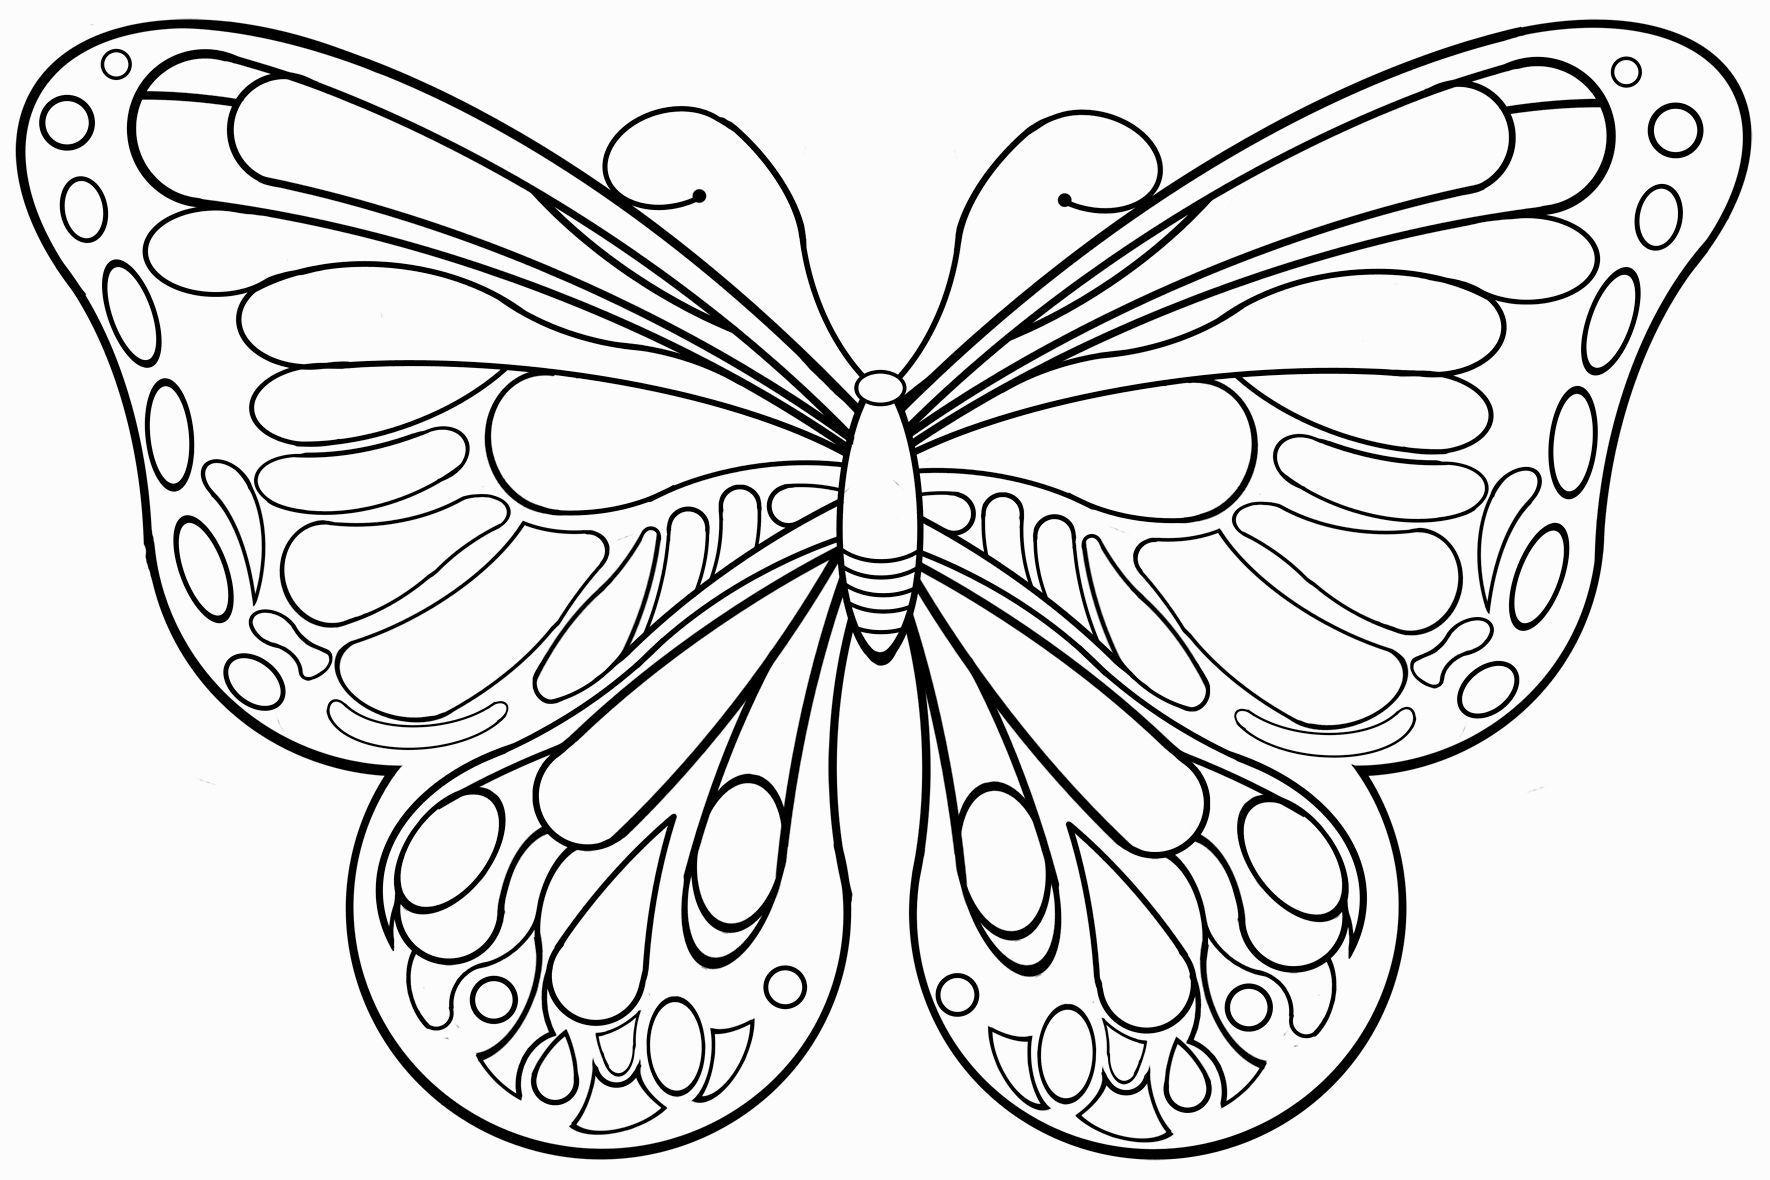 Kinder Ausmalbilder Schmetterlinge  Ausmalbilder schmetterling